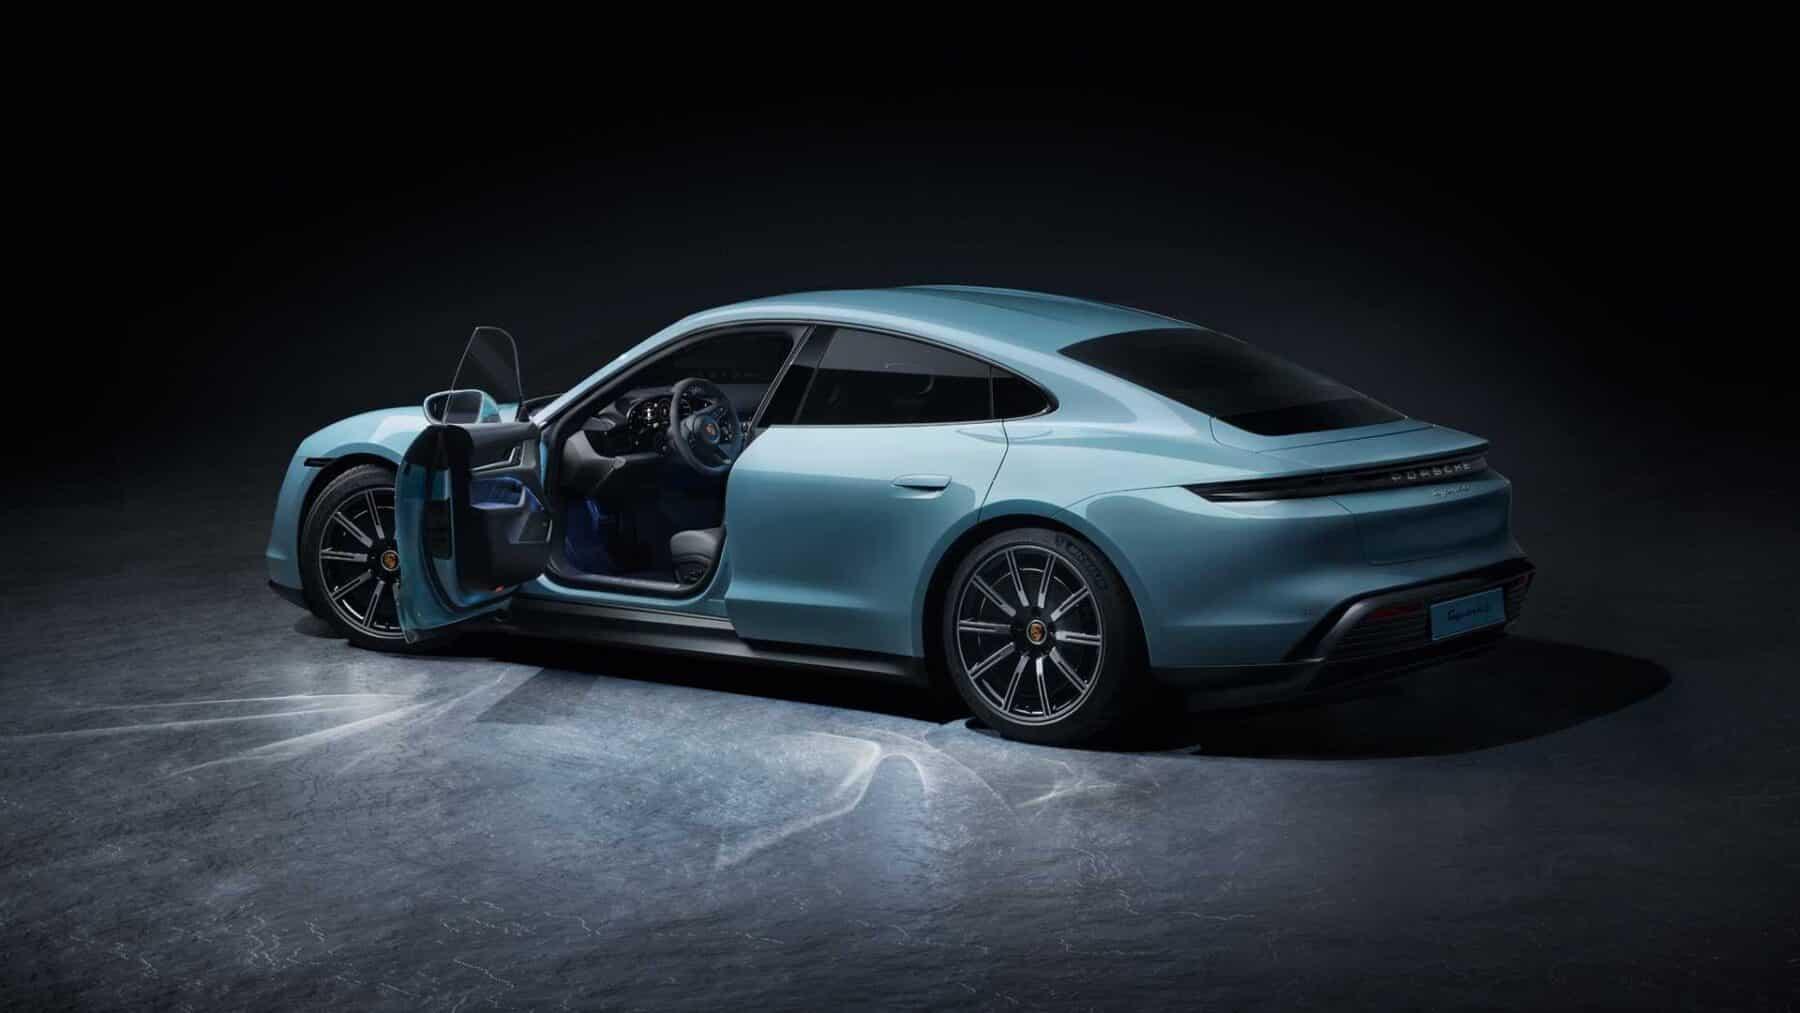 Próximo Porsche Macan será 100% eléctrico y tendrá mucho del Taycan